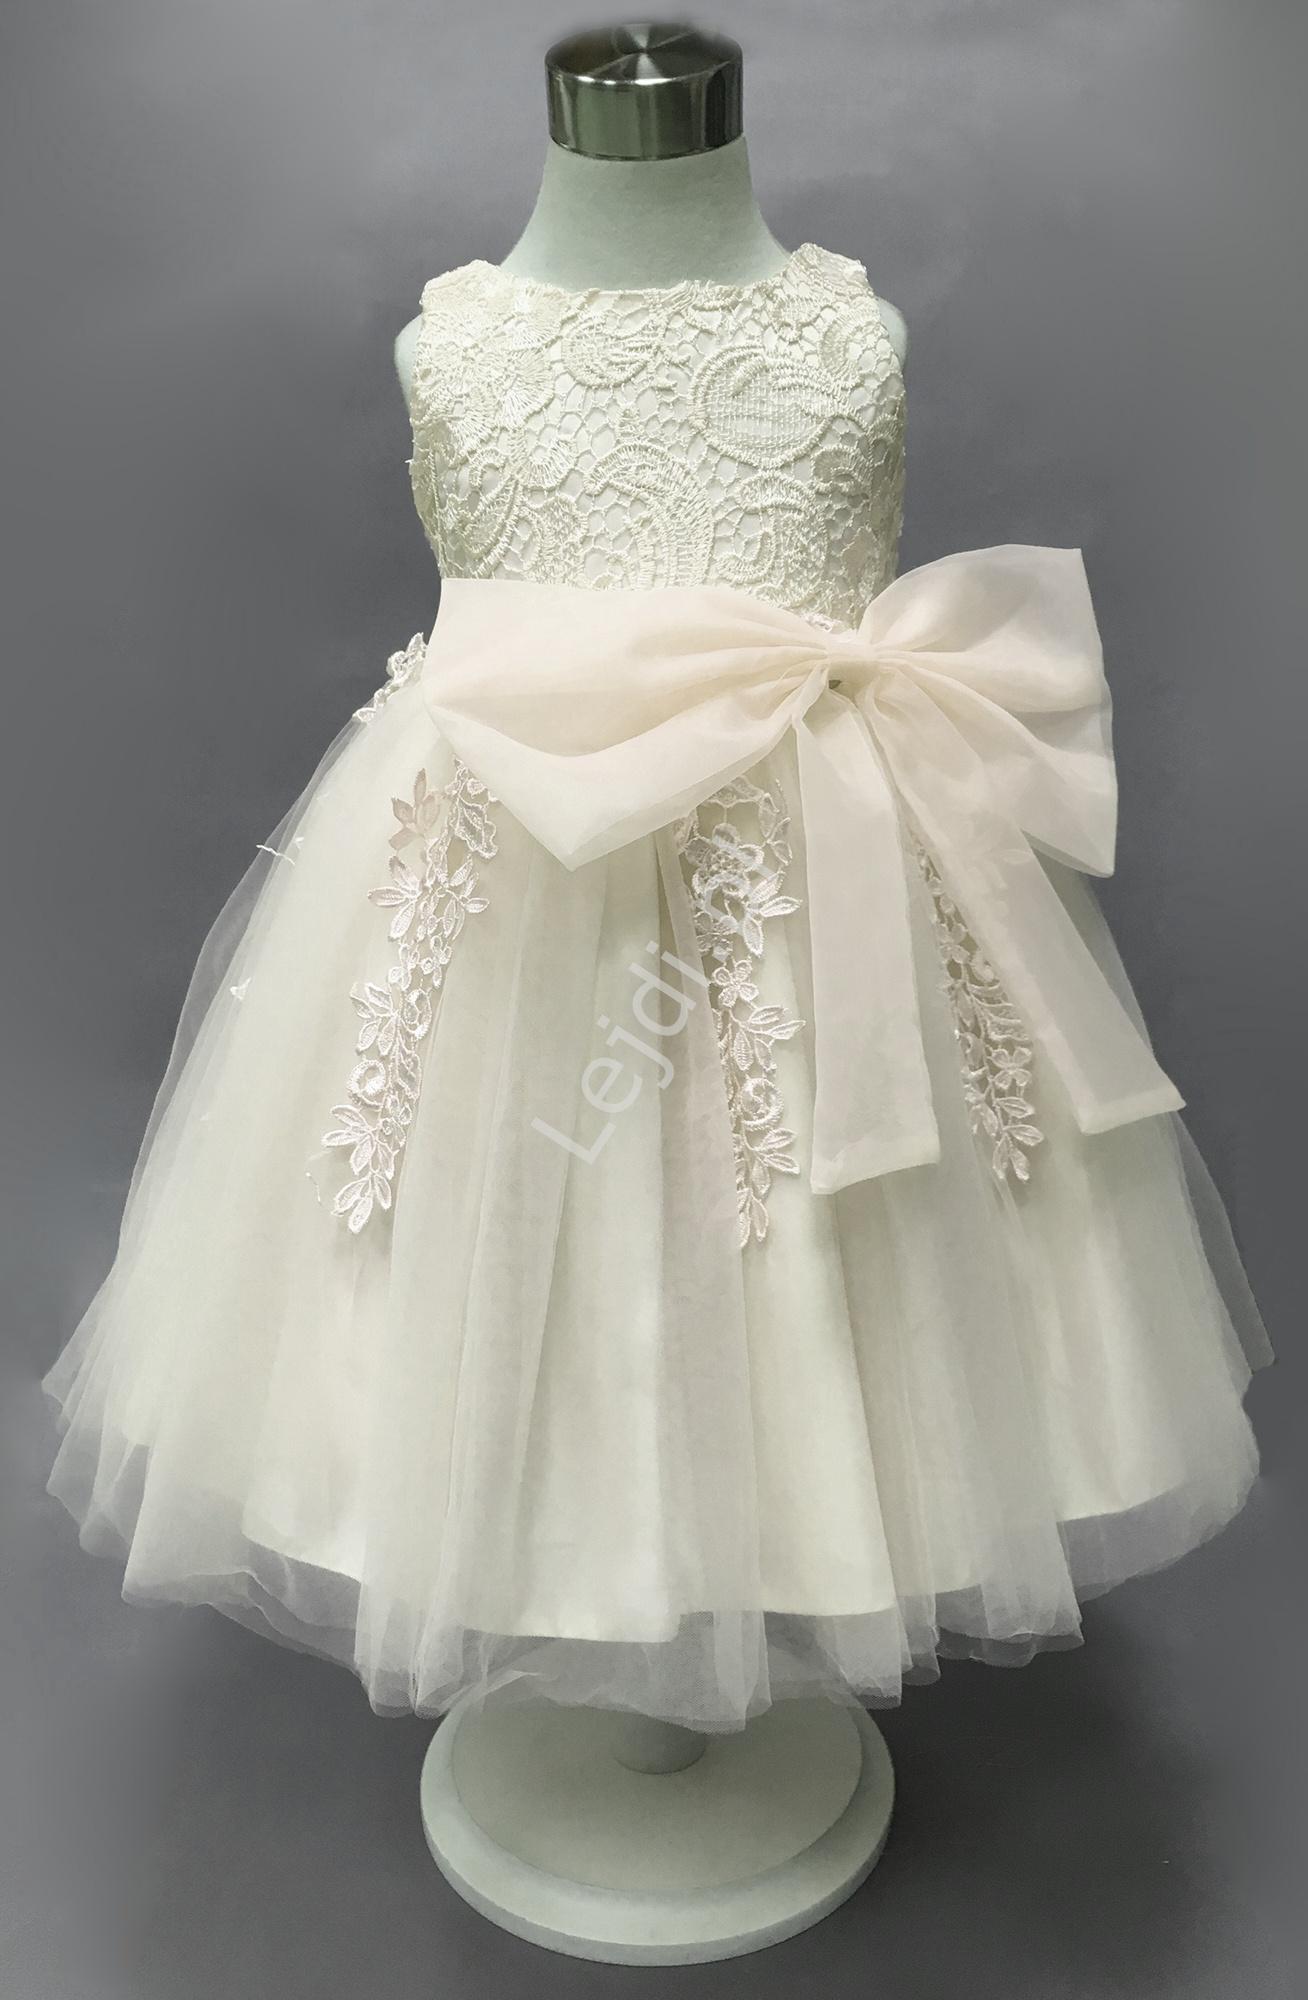 Biała sukienka dla dziewczynki, bogato zdobiona gipiurową koronką | sukienka na chrzest, roczek - Lejdi